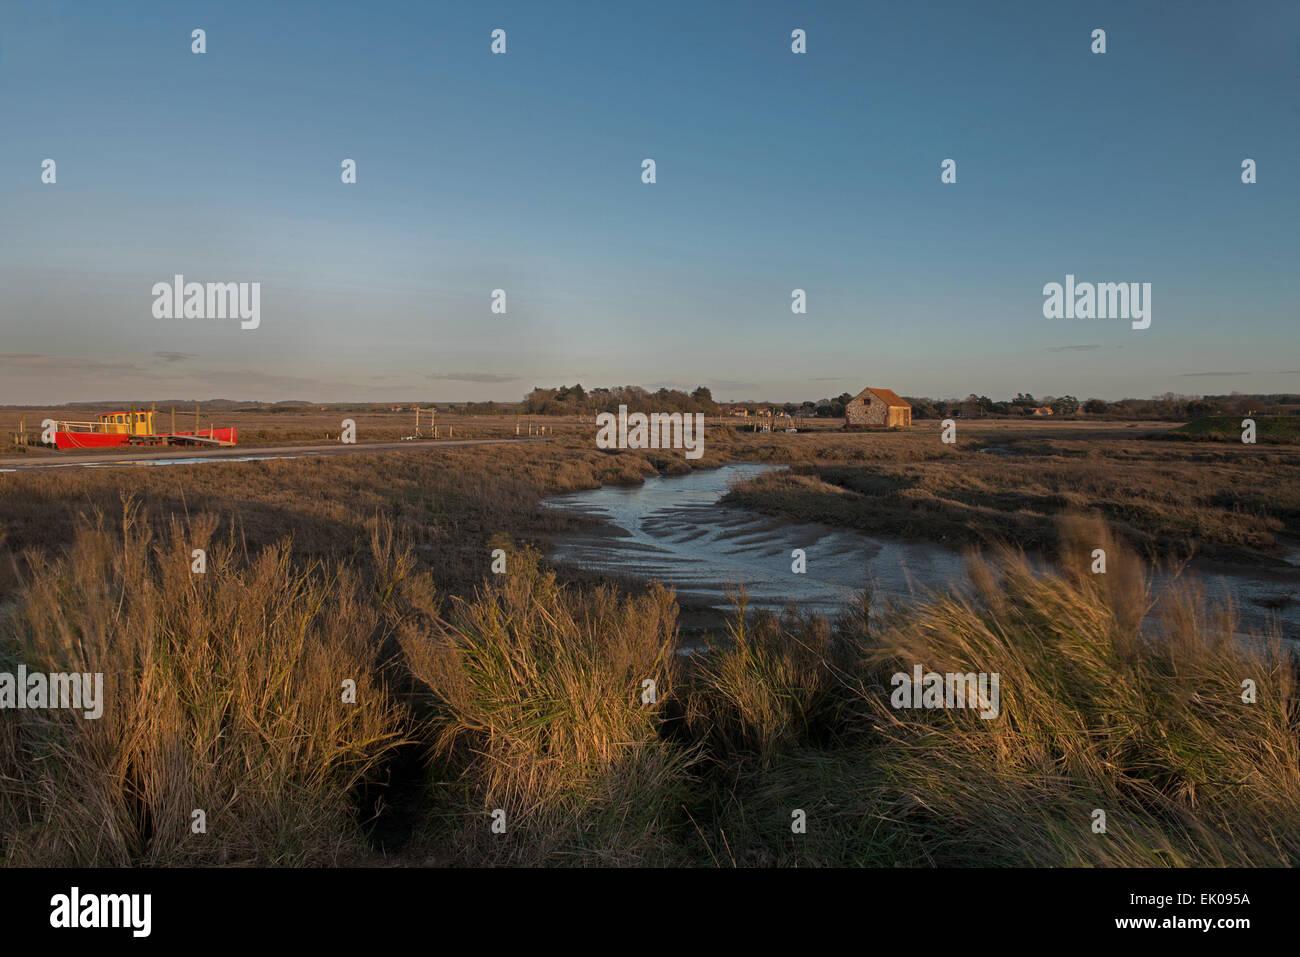 Lumière du soir sur le ruisseau Muddy à marée basse Holme Dunes Nature Reserve, Angleterre Norfolk Photo Stock